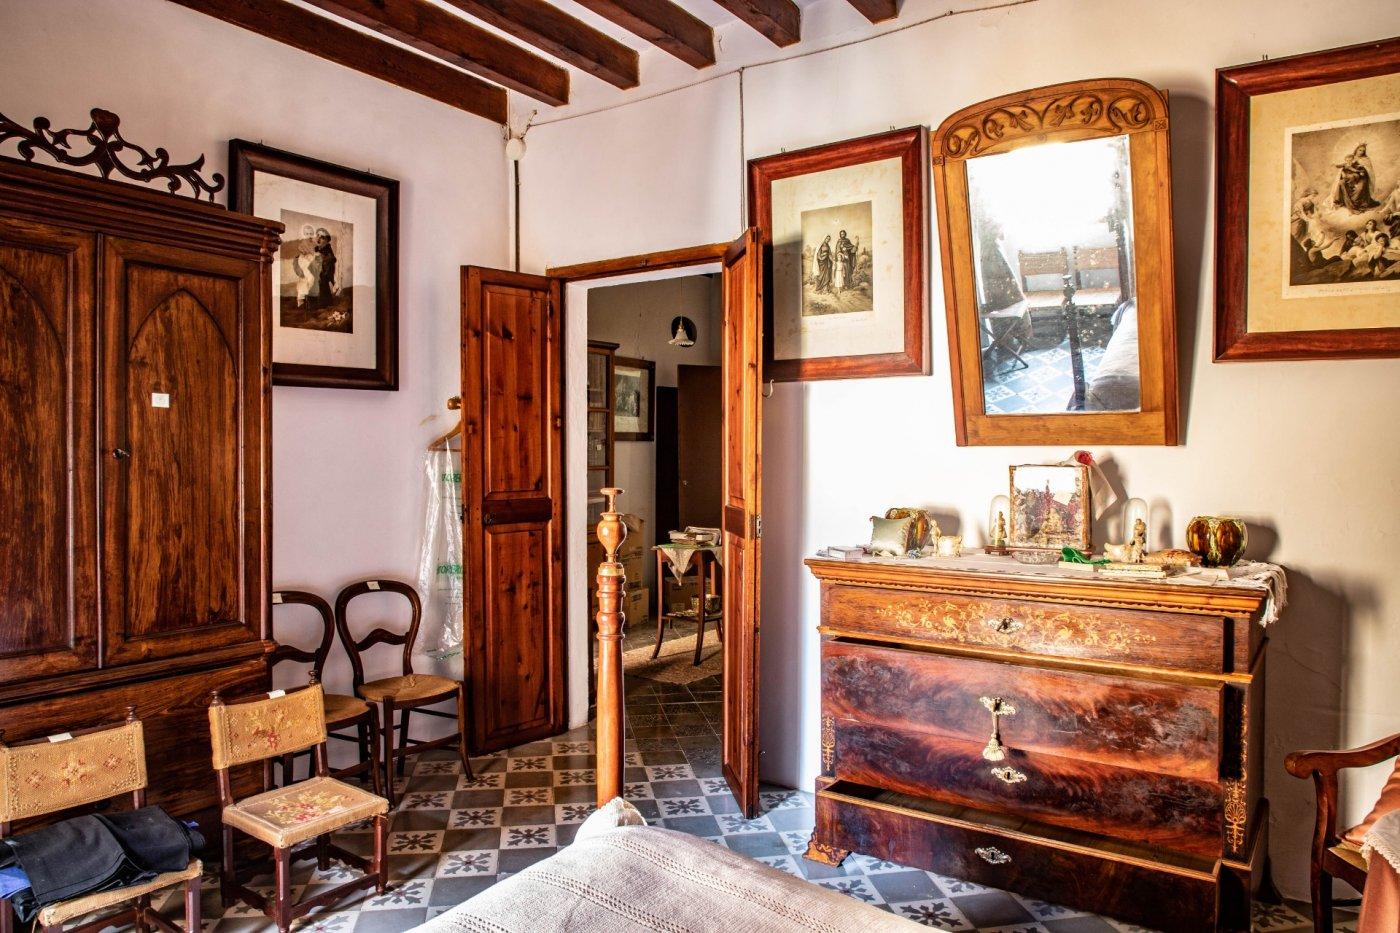 En venta excelente casa en el centro de pollensa - imagenInmueble26